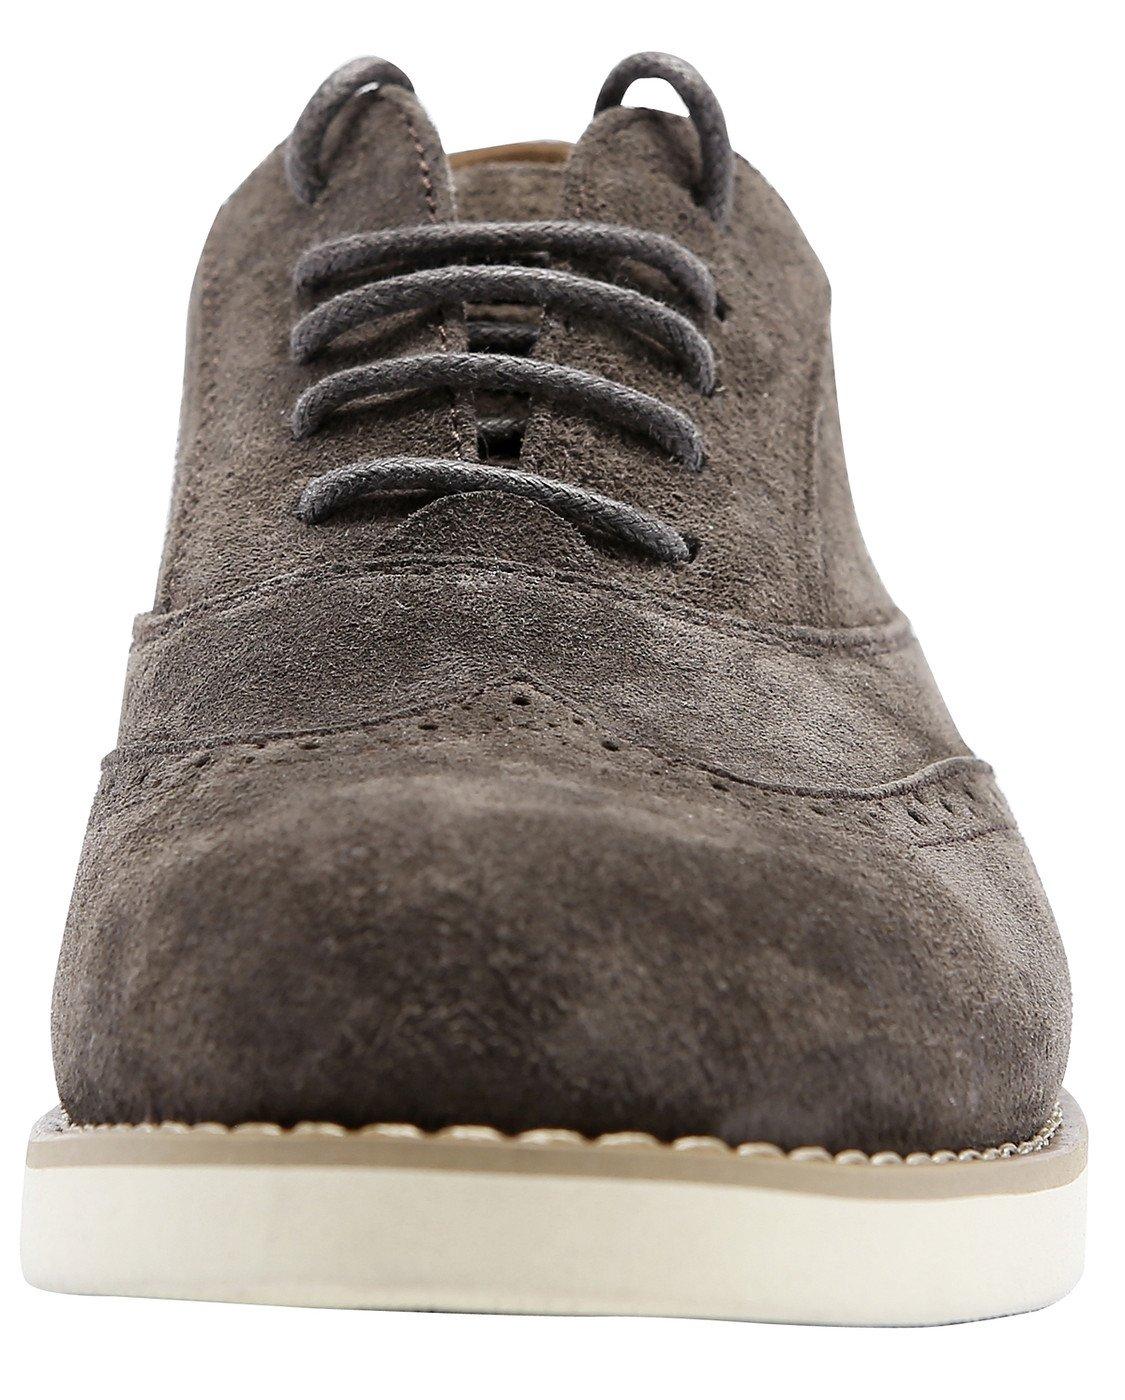 1eb4076b40d8 SimpleC Zapatos Para de Cuero Ocasionales con Cordones Para Mujer Marron  Comfort, Ligeros Zapatos Deportivos de Color LISO Ocasionales Marron Oscuro  28ce097